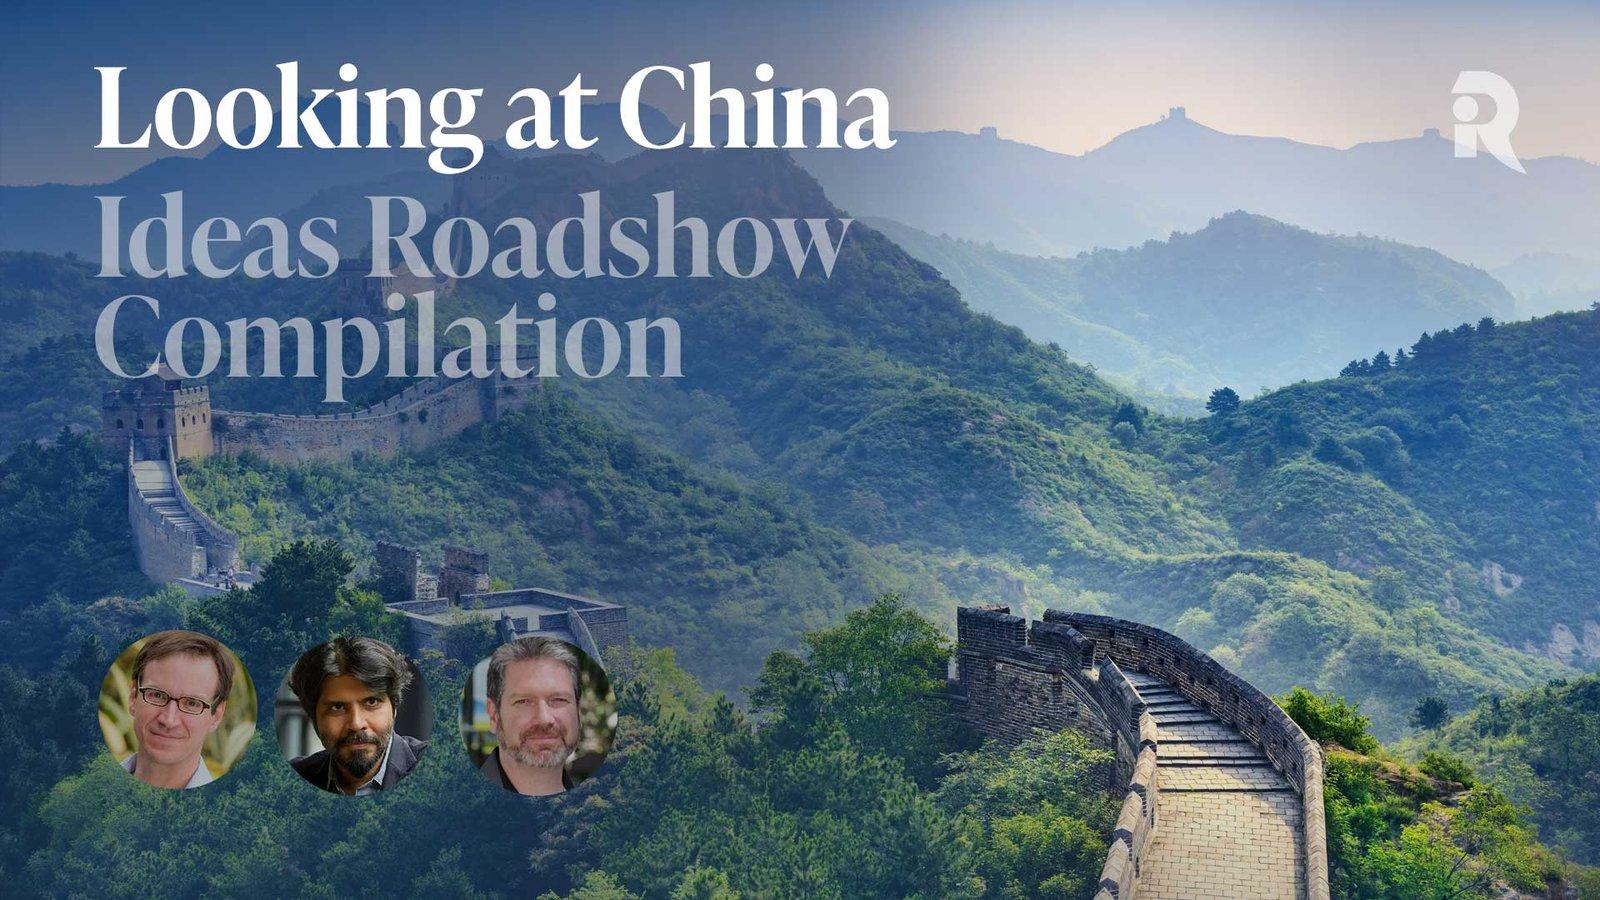 Looking at China